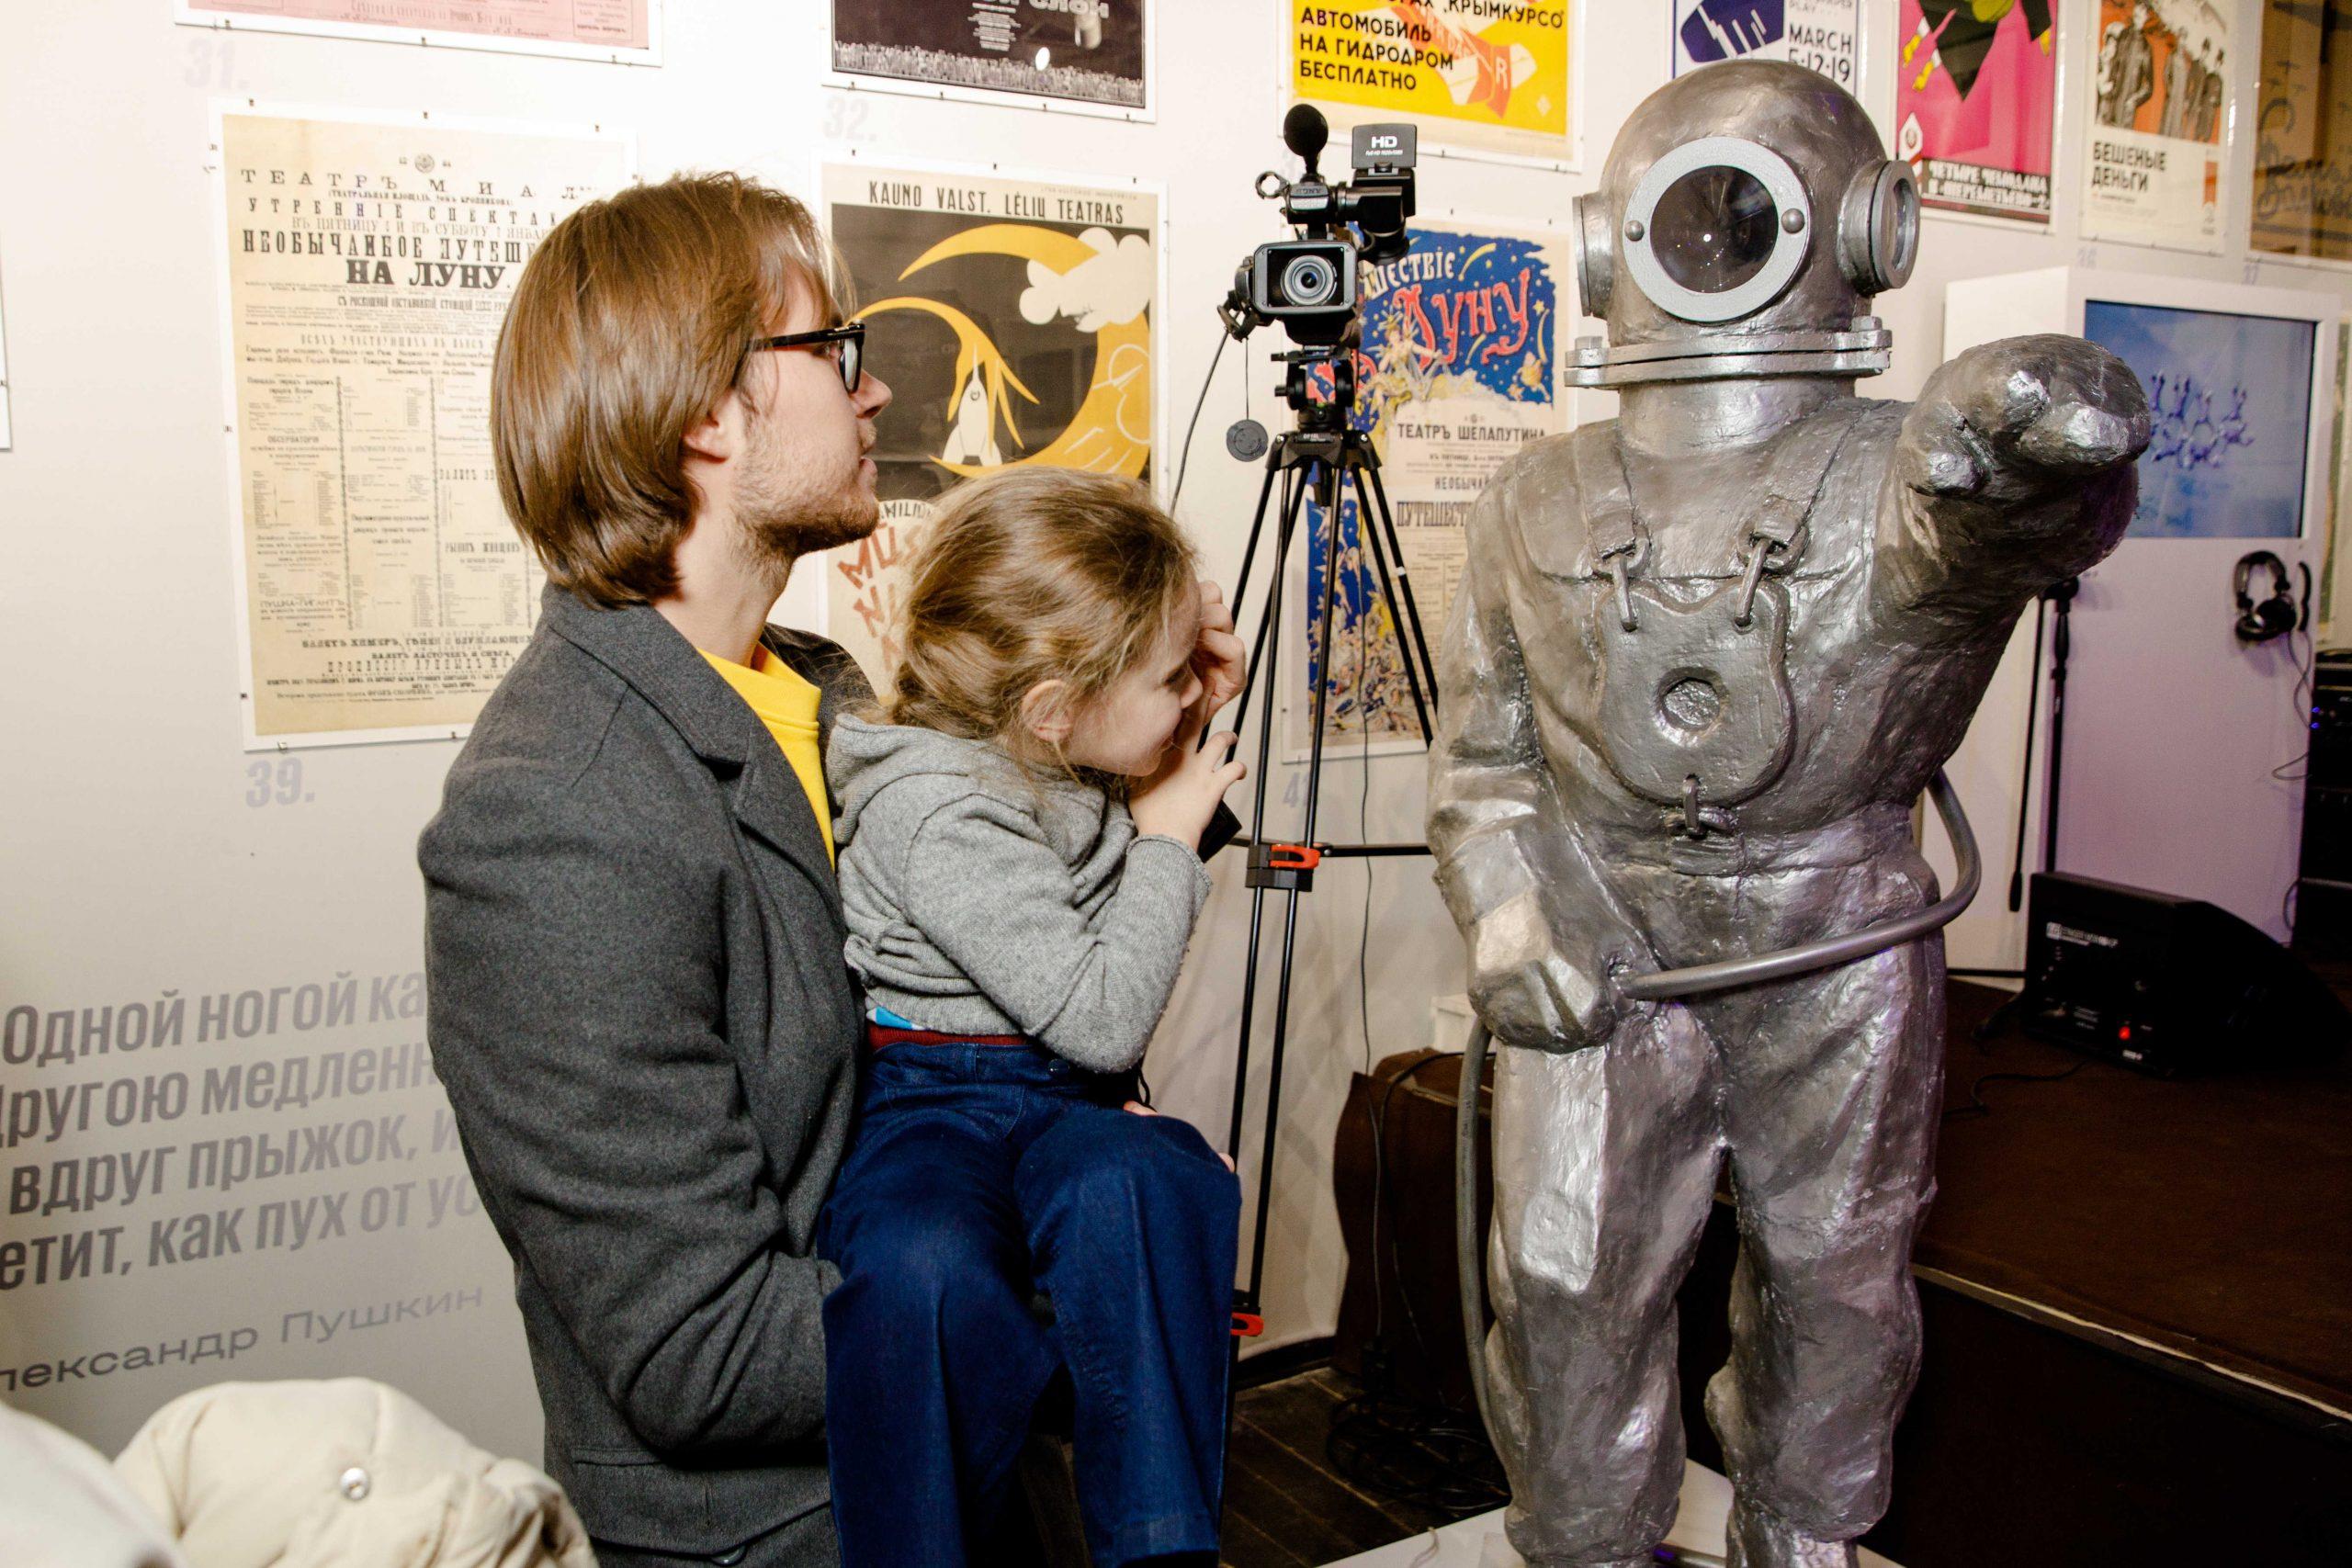 Полет как мечта: интерактивную программу ко Дню космонавтики подготовили в Бахрушинском музее. Фото предоставили в Бахрушинском музее